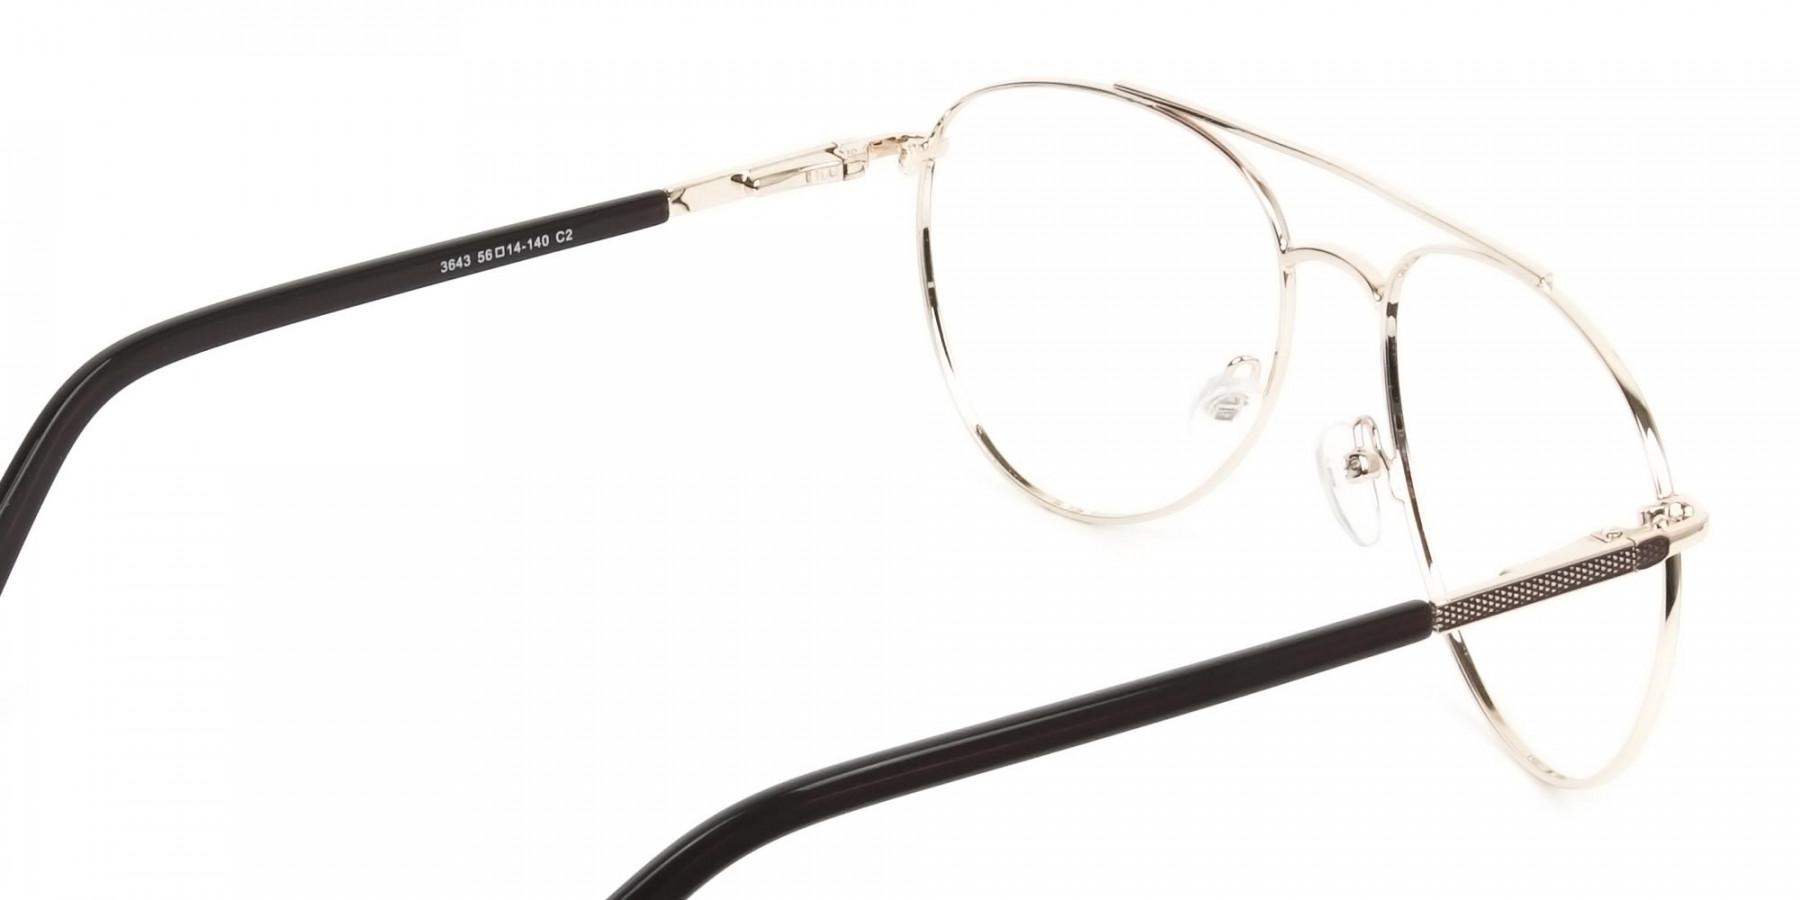 Ultralight Aviator Gold & Brown Glasses - 1